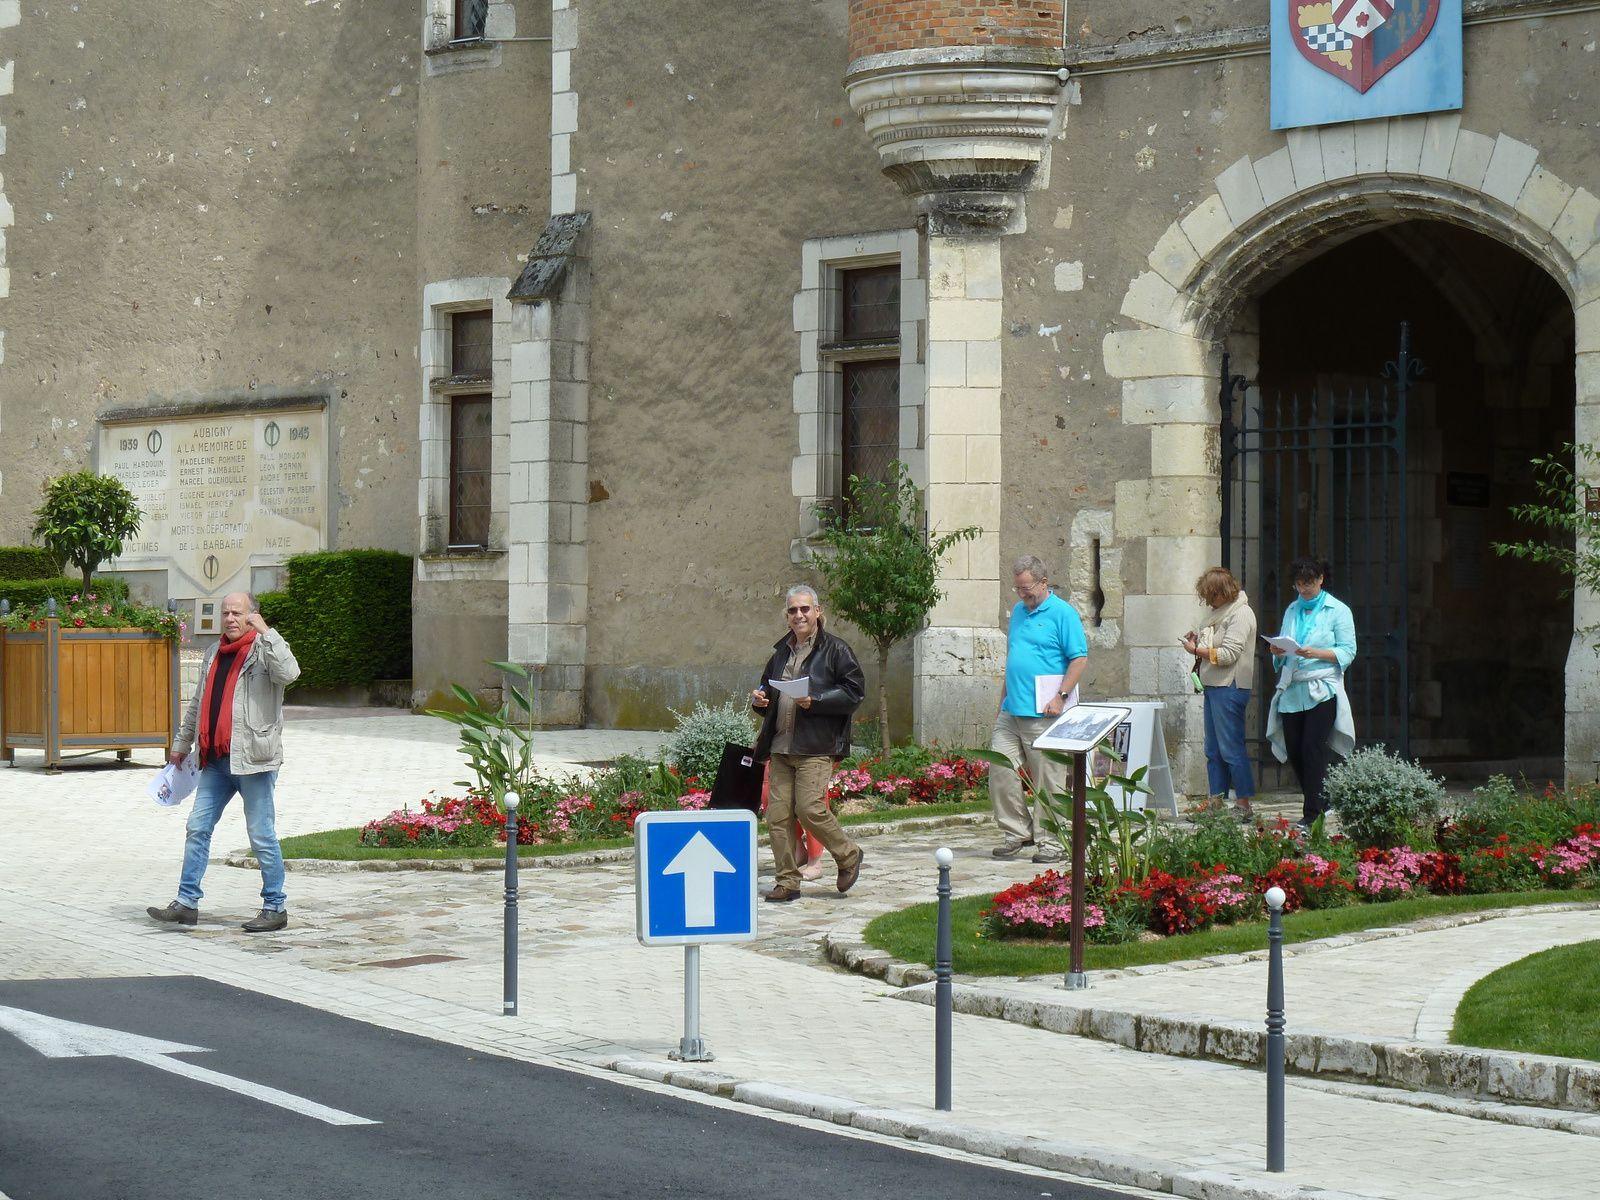 Les équipes sont lancées pour le rallye dans le charmant village d'Aubigny sur Nère